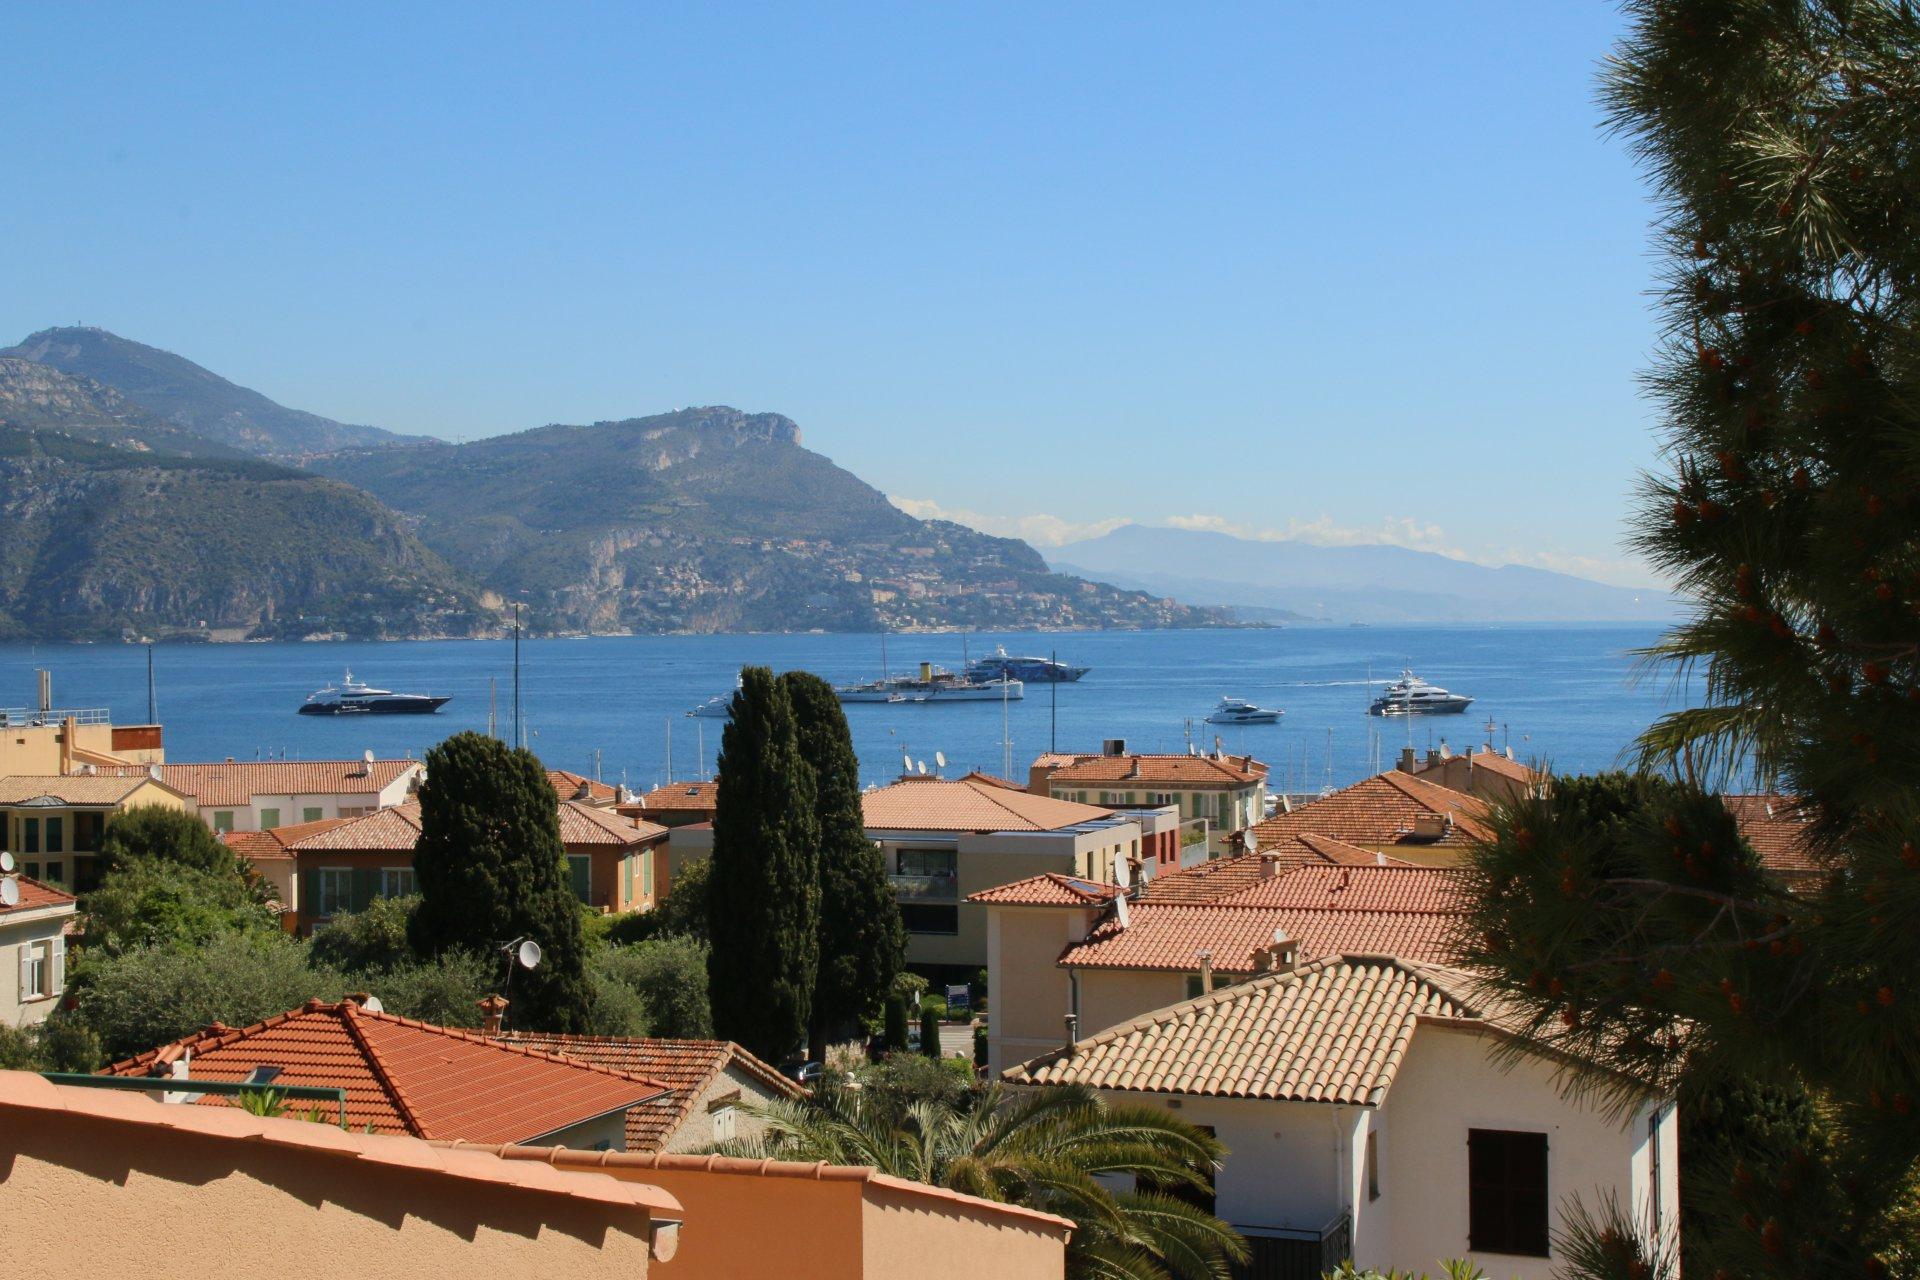 Saint Jean Cap Ferrat, 3 pièces, vue mer, terrasse et jardin